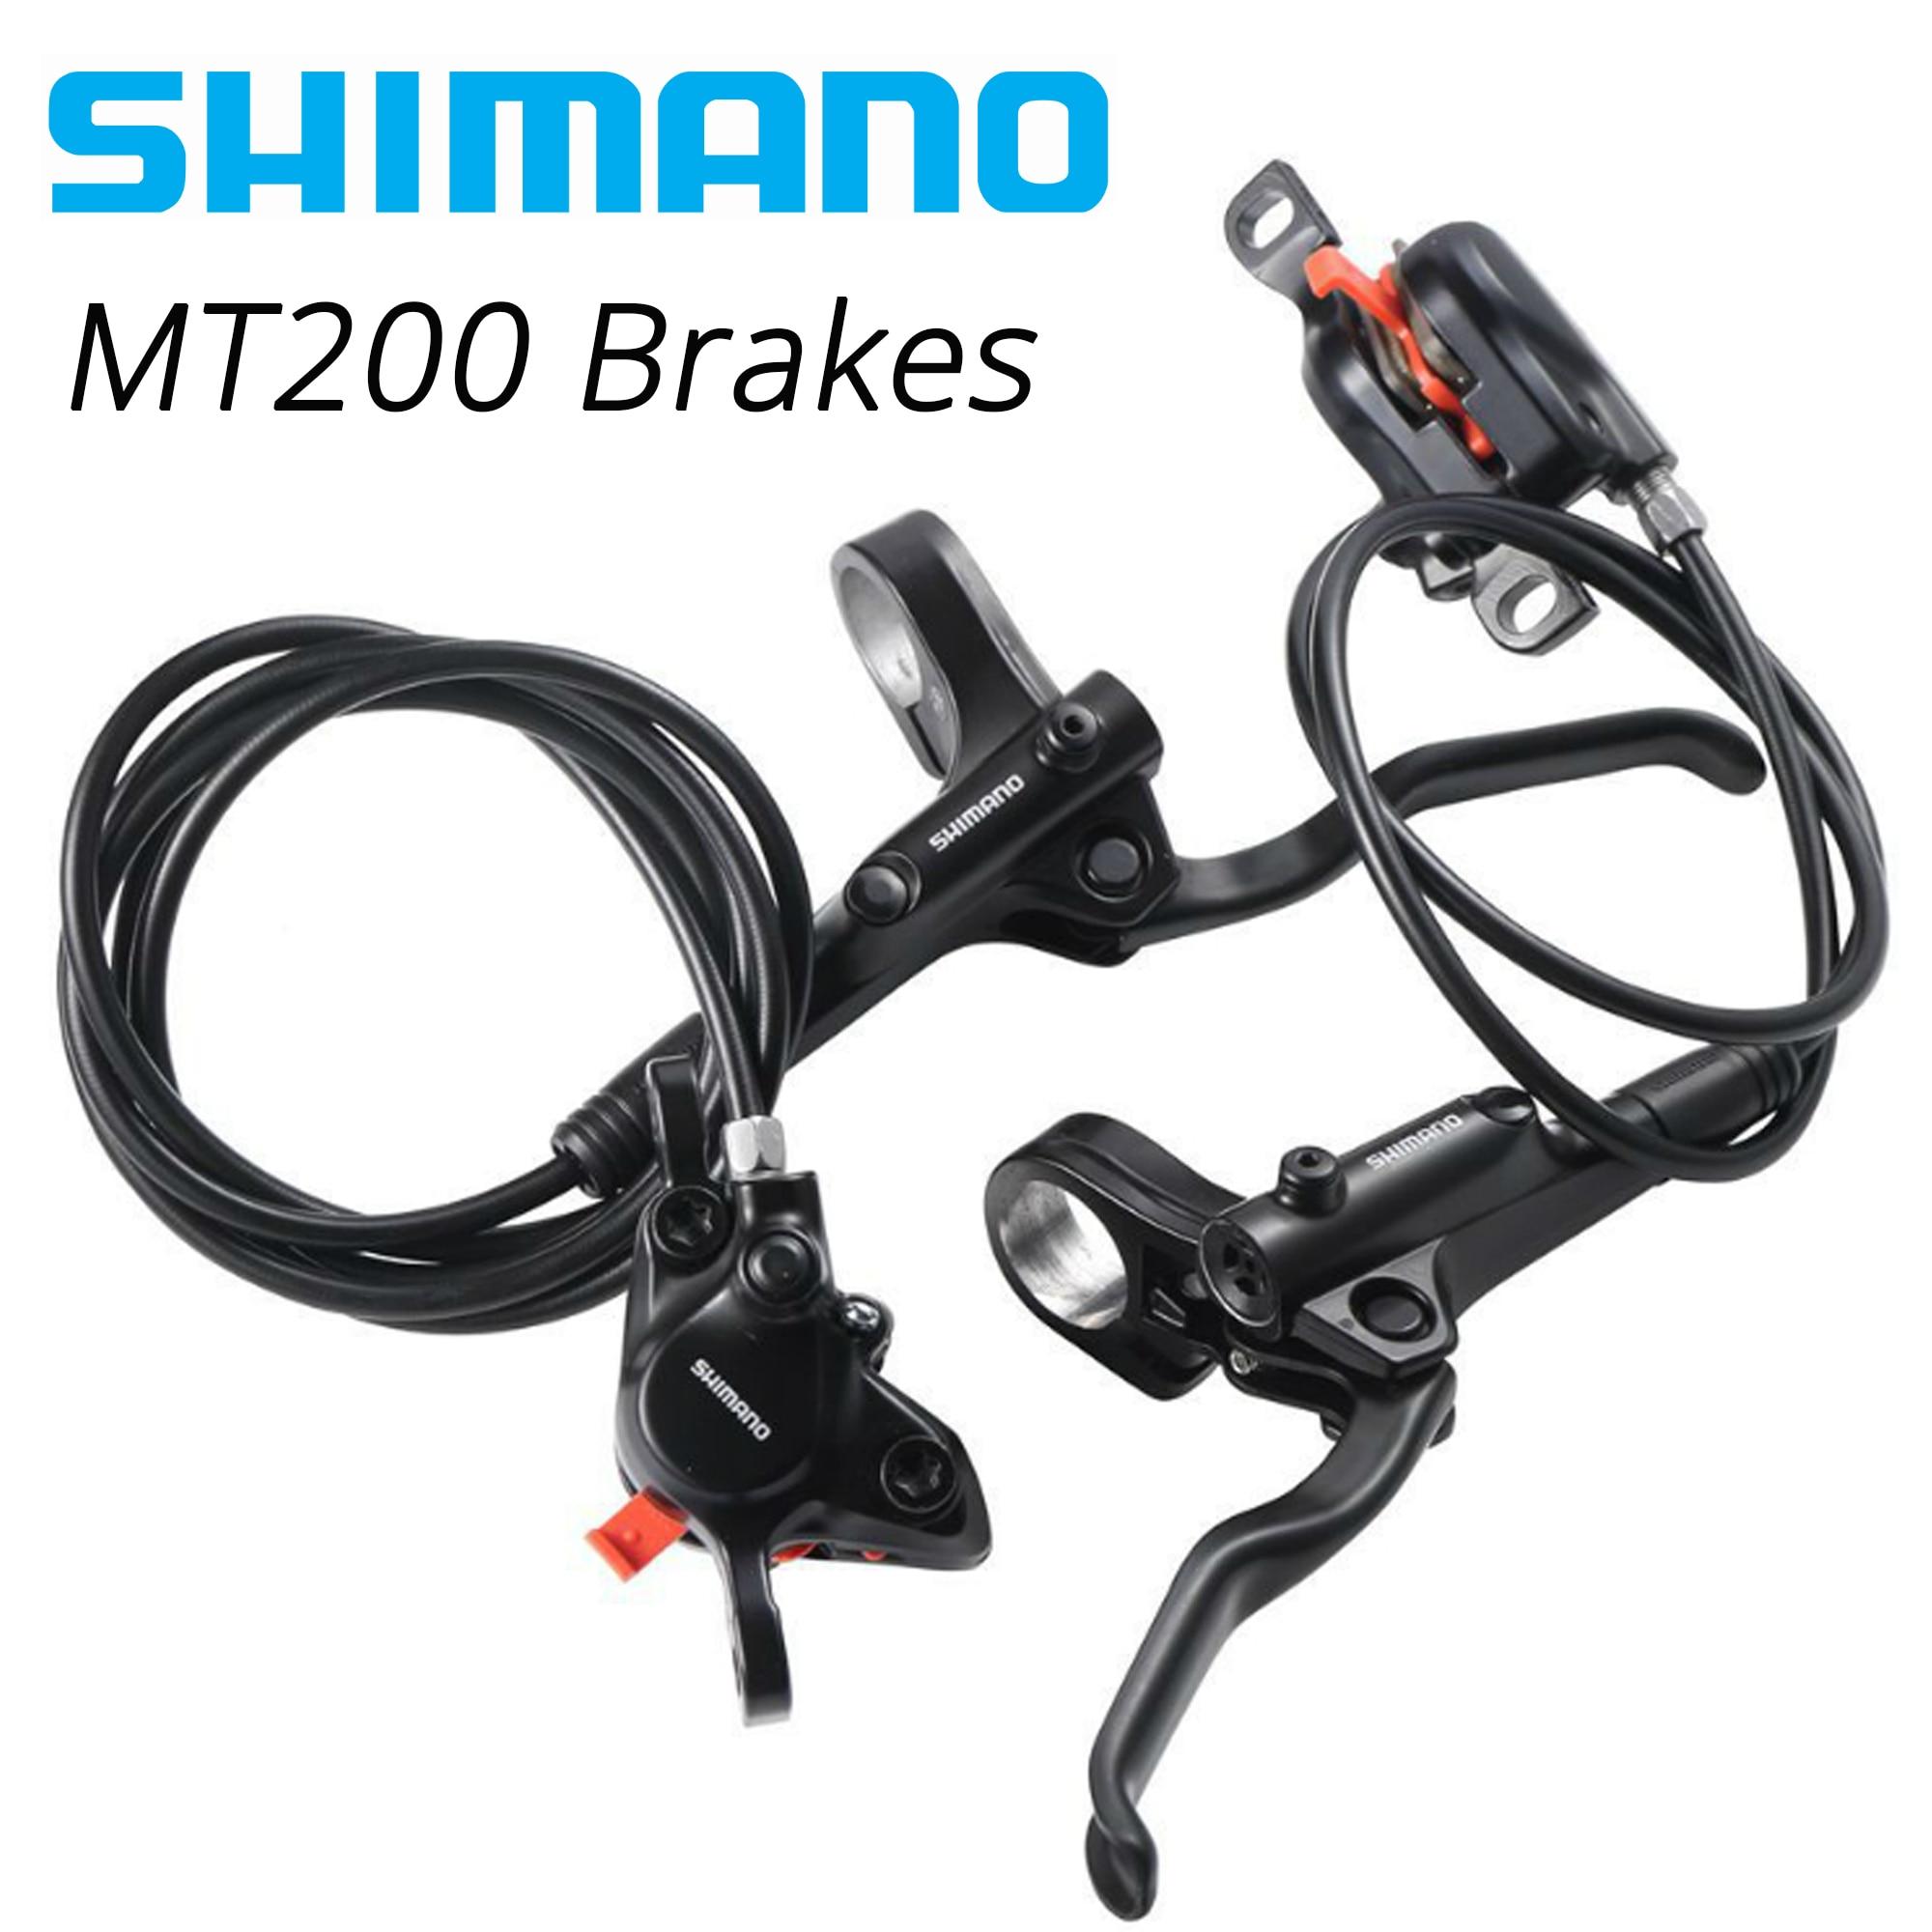 Shimano Juego de frenos de disco hidráulicos para bicicleta de montaña MT200 MT201 M315, con palanca de frenos Avid|Freno de bicicleta| - AliExpress